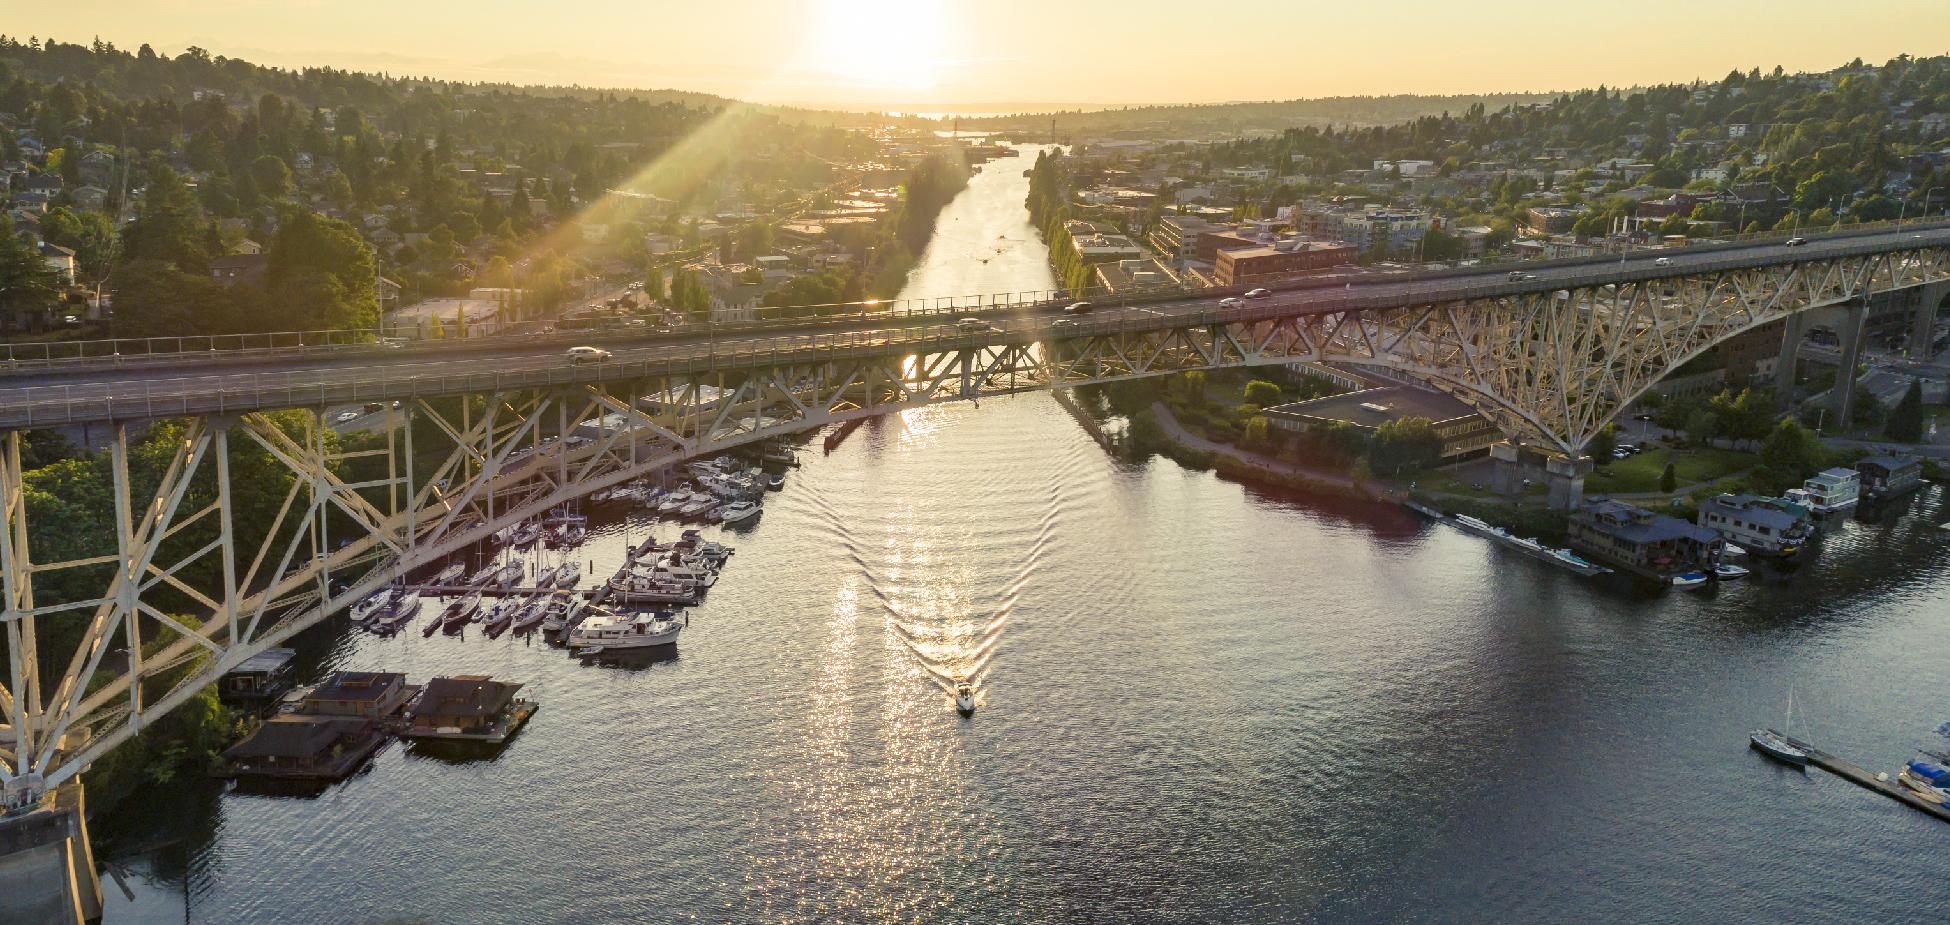 Boater going under Aurora Bridge